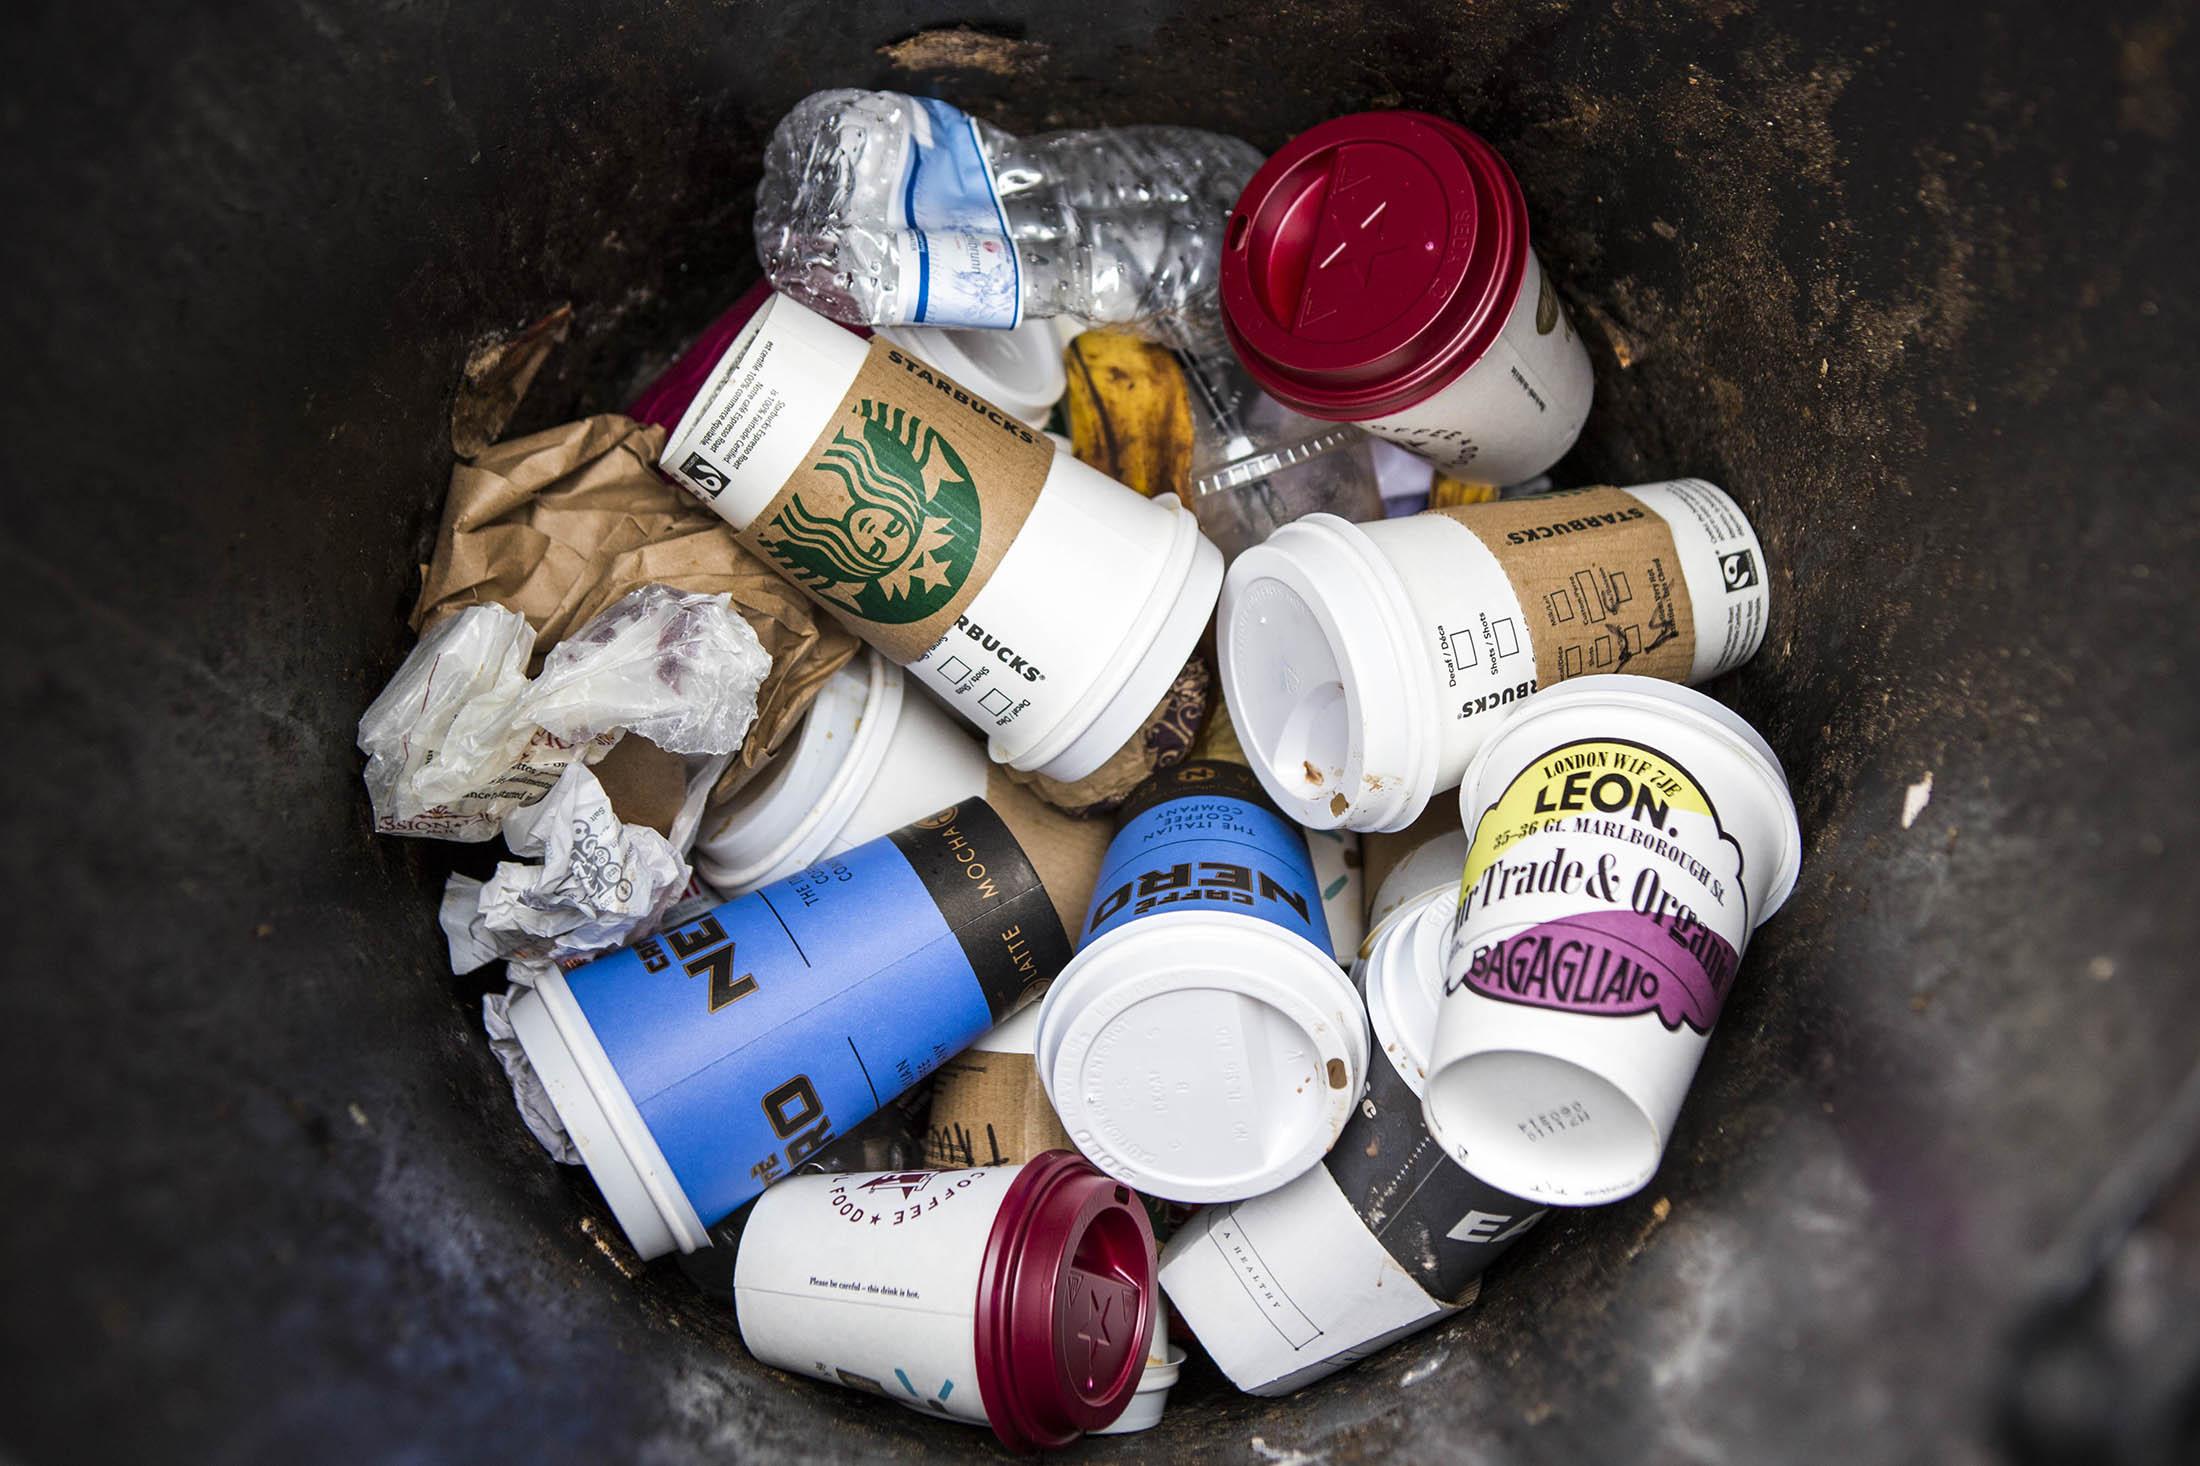 Londres usa copos de café gigantes para reciclar pequenos